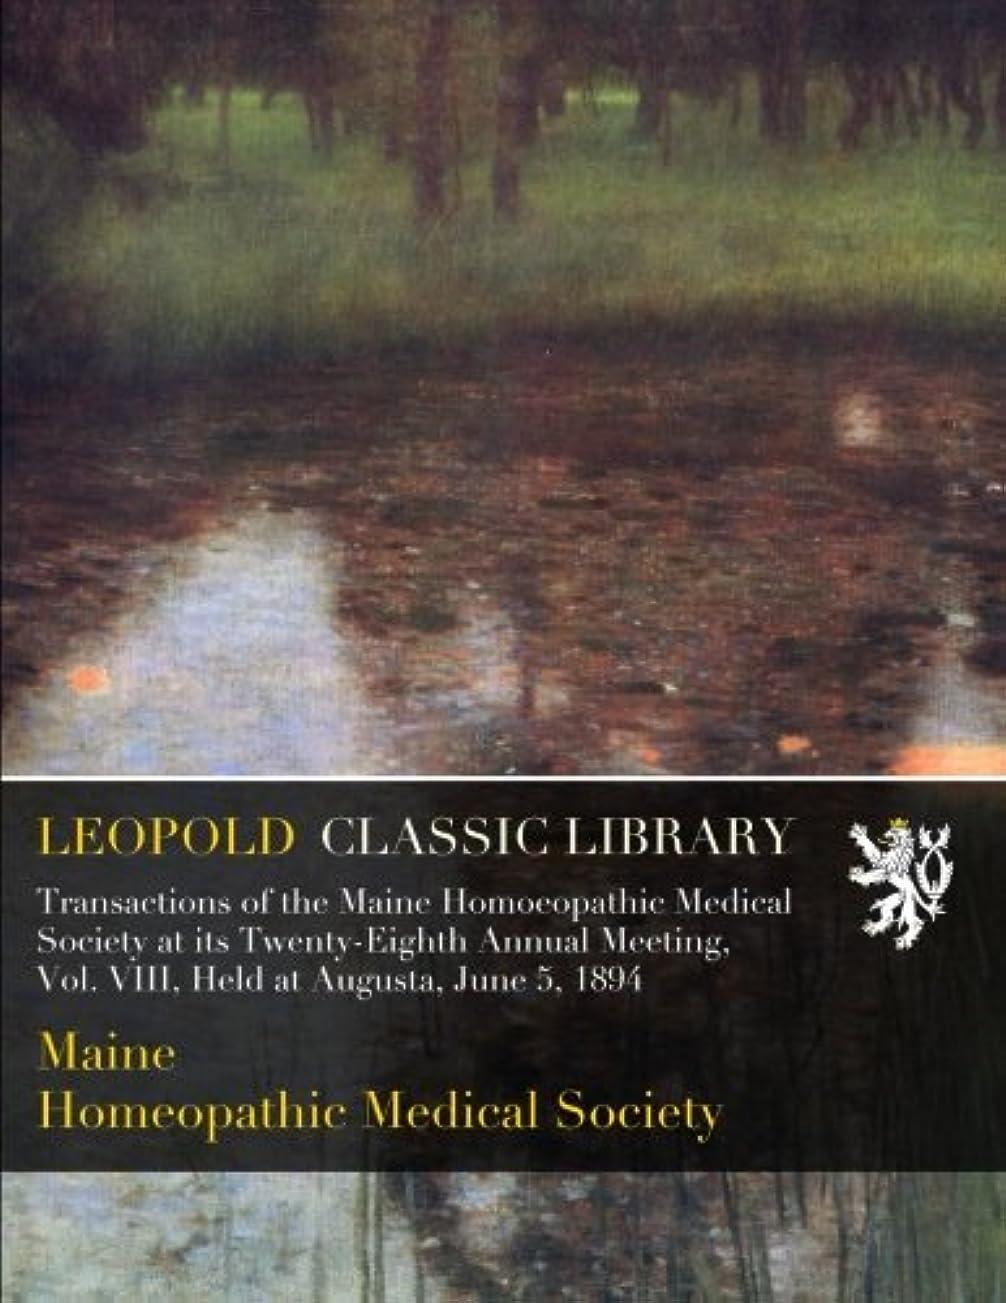 キャプテンブライ差ポルトガル語Transactions of the Maine Homoeopathic Medical Society at its Twenty-Eighth Annual Meeting, Vol. VIII, Held at Augusta, June 5, 1894